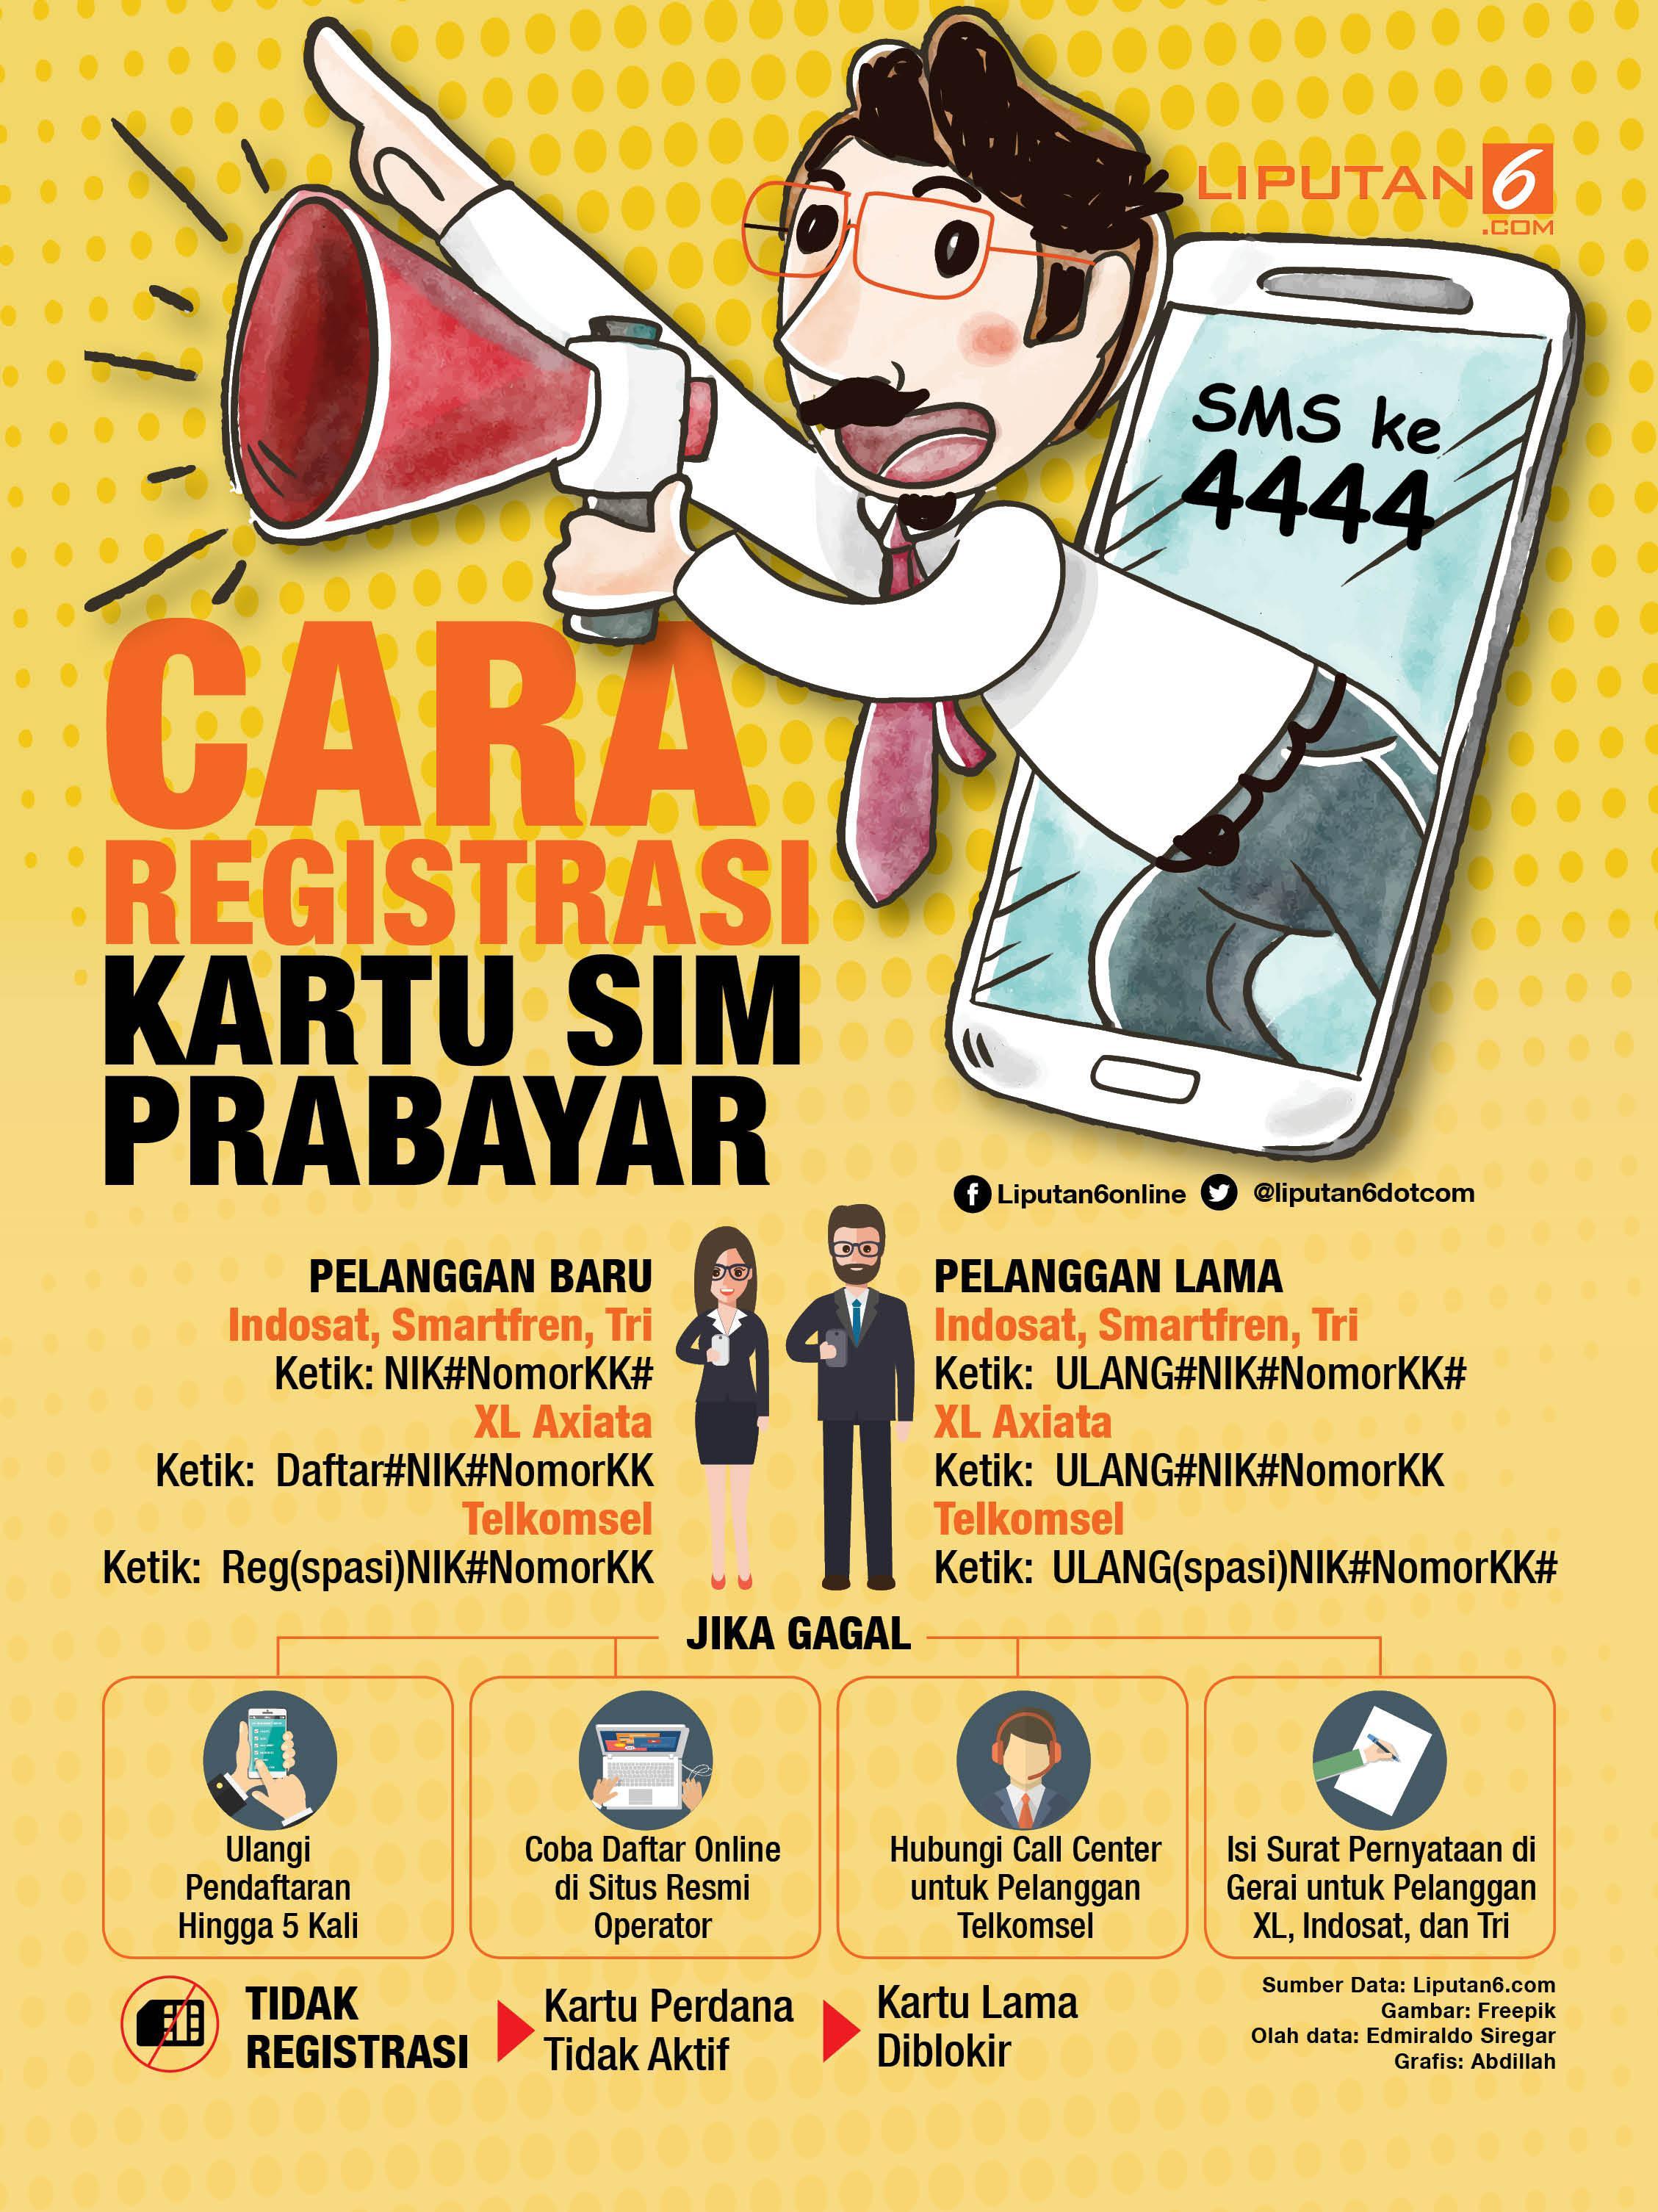 Headline Fakta Vs Hoax Registrasi Kartu Sim Prabayar Tekno Liputan6 Com